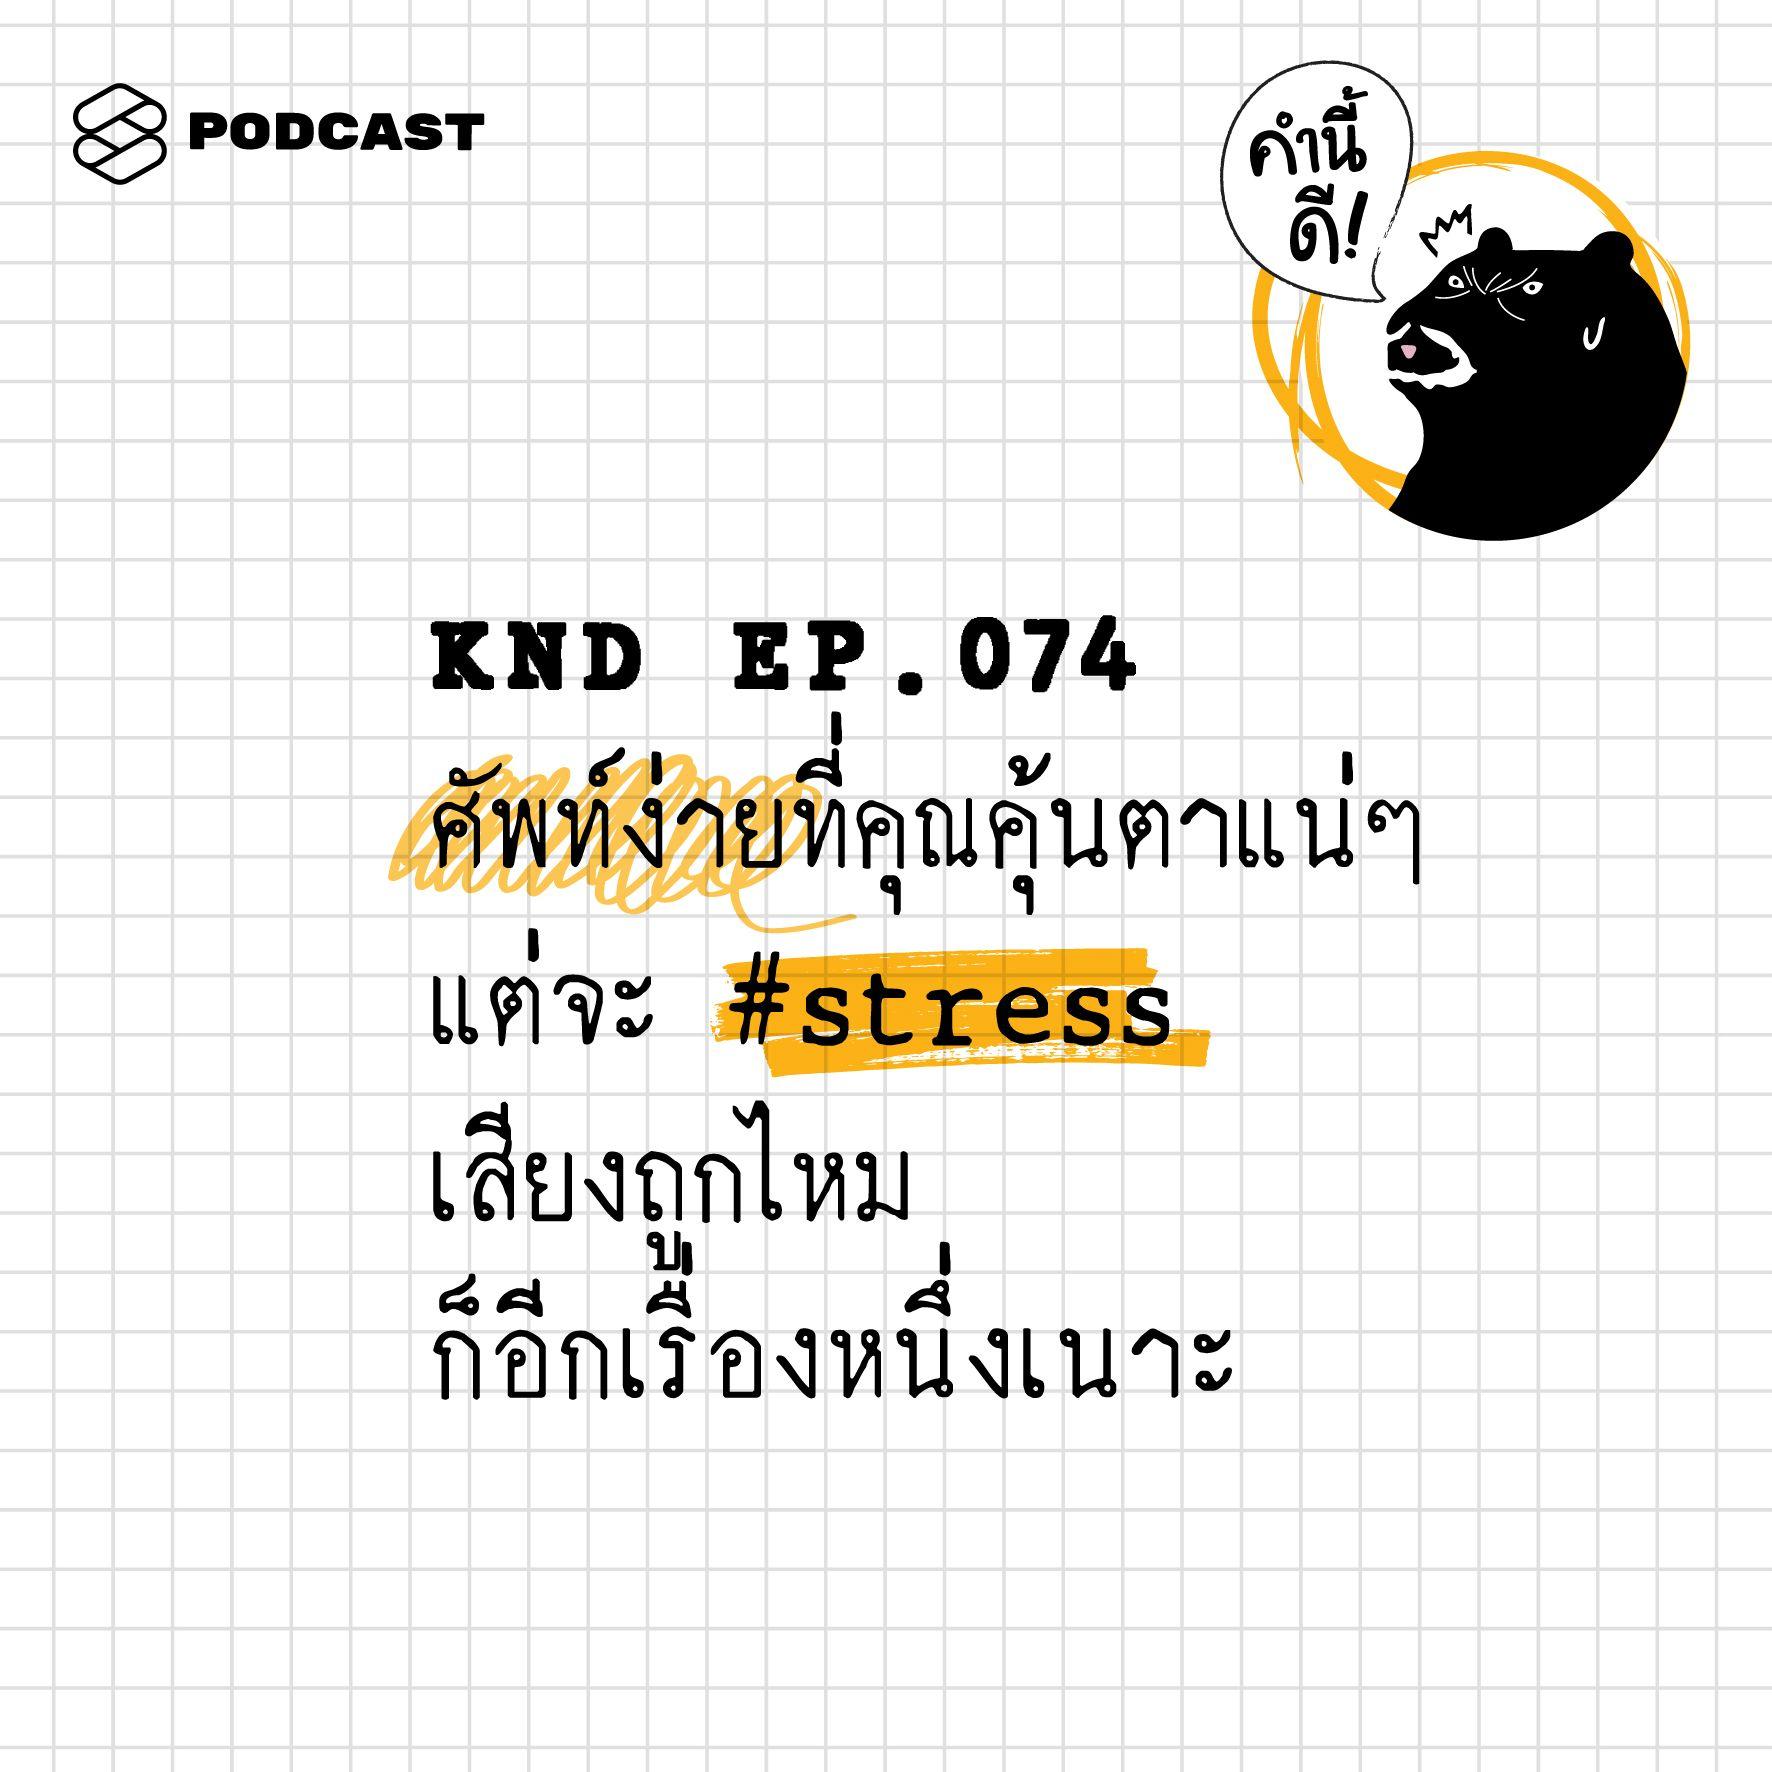 คำนี้ดี EP.74 ศัพท์ง่ายที่คุณคุ้นตาแน่ๆ แต่จะ #stress เสียงถูกไหม ก็อีกเรื่องนึงเนาะ